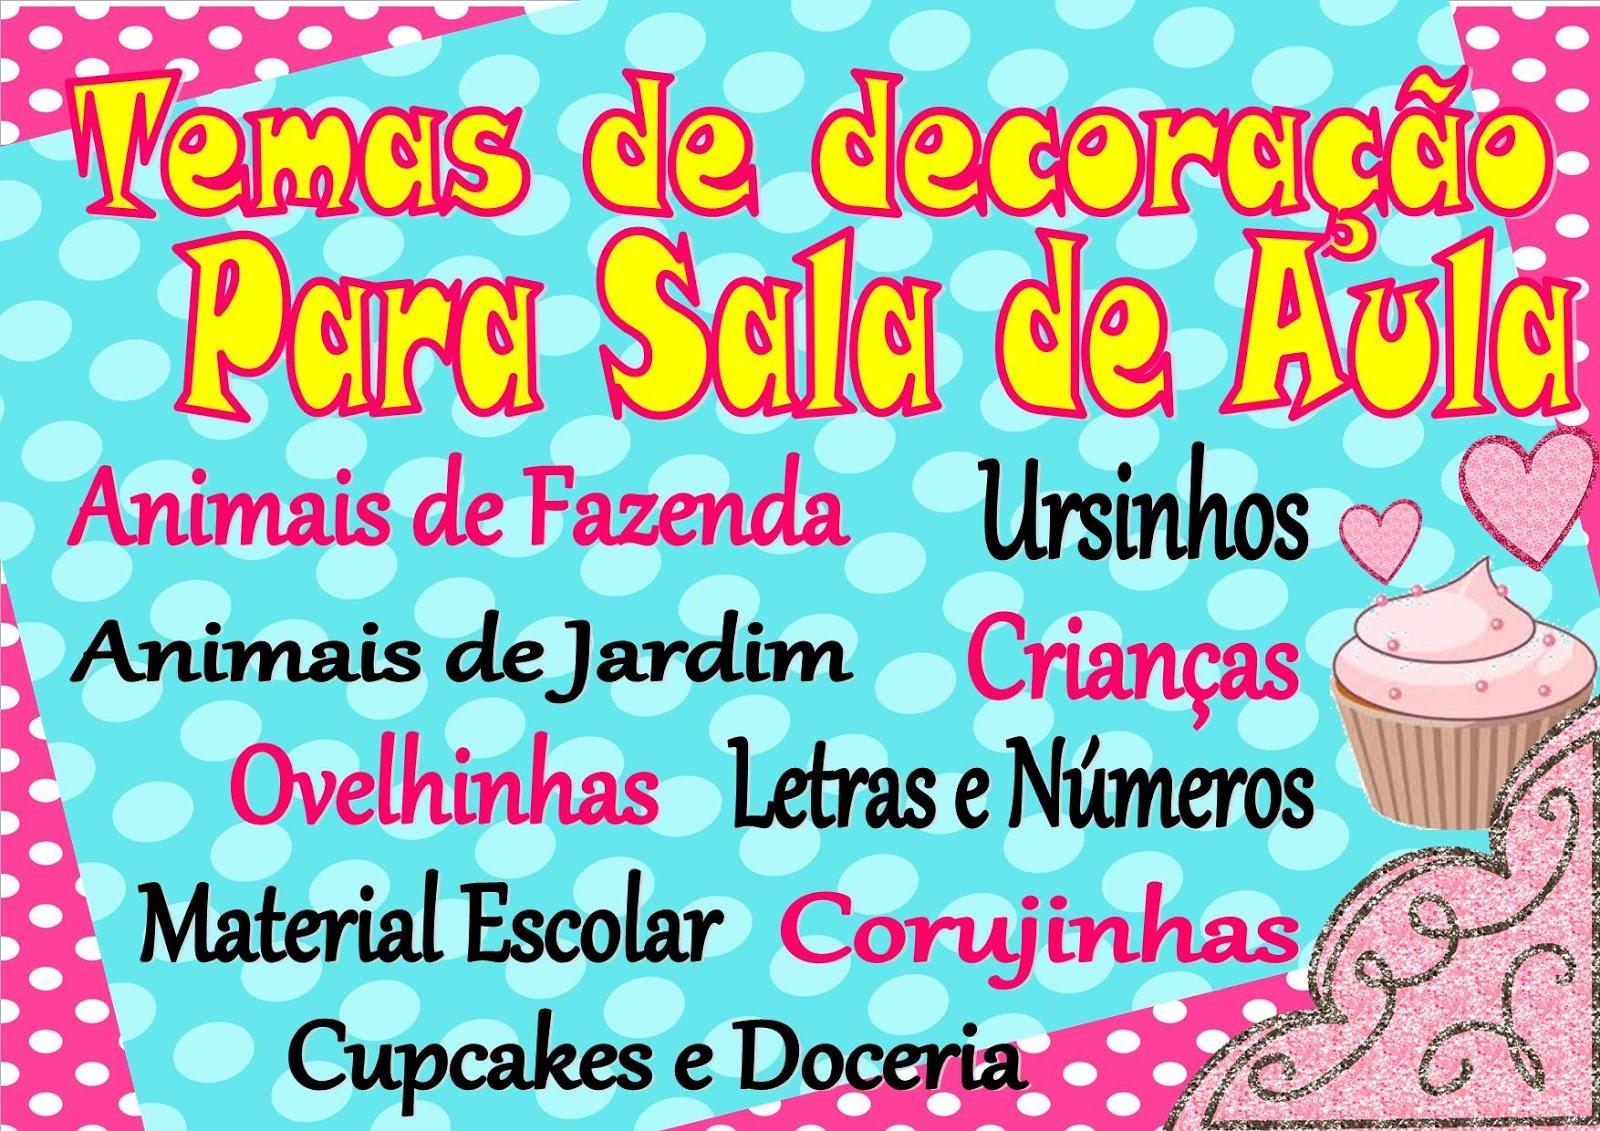 Atenção meninas e Prof's do Brasil!!!